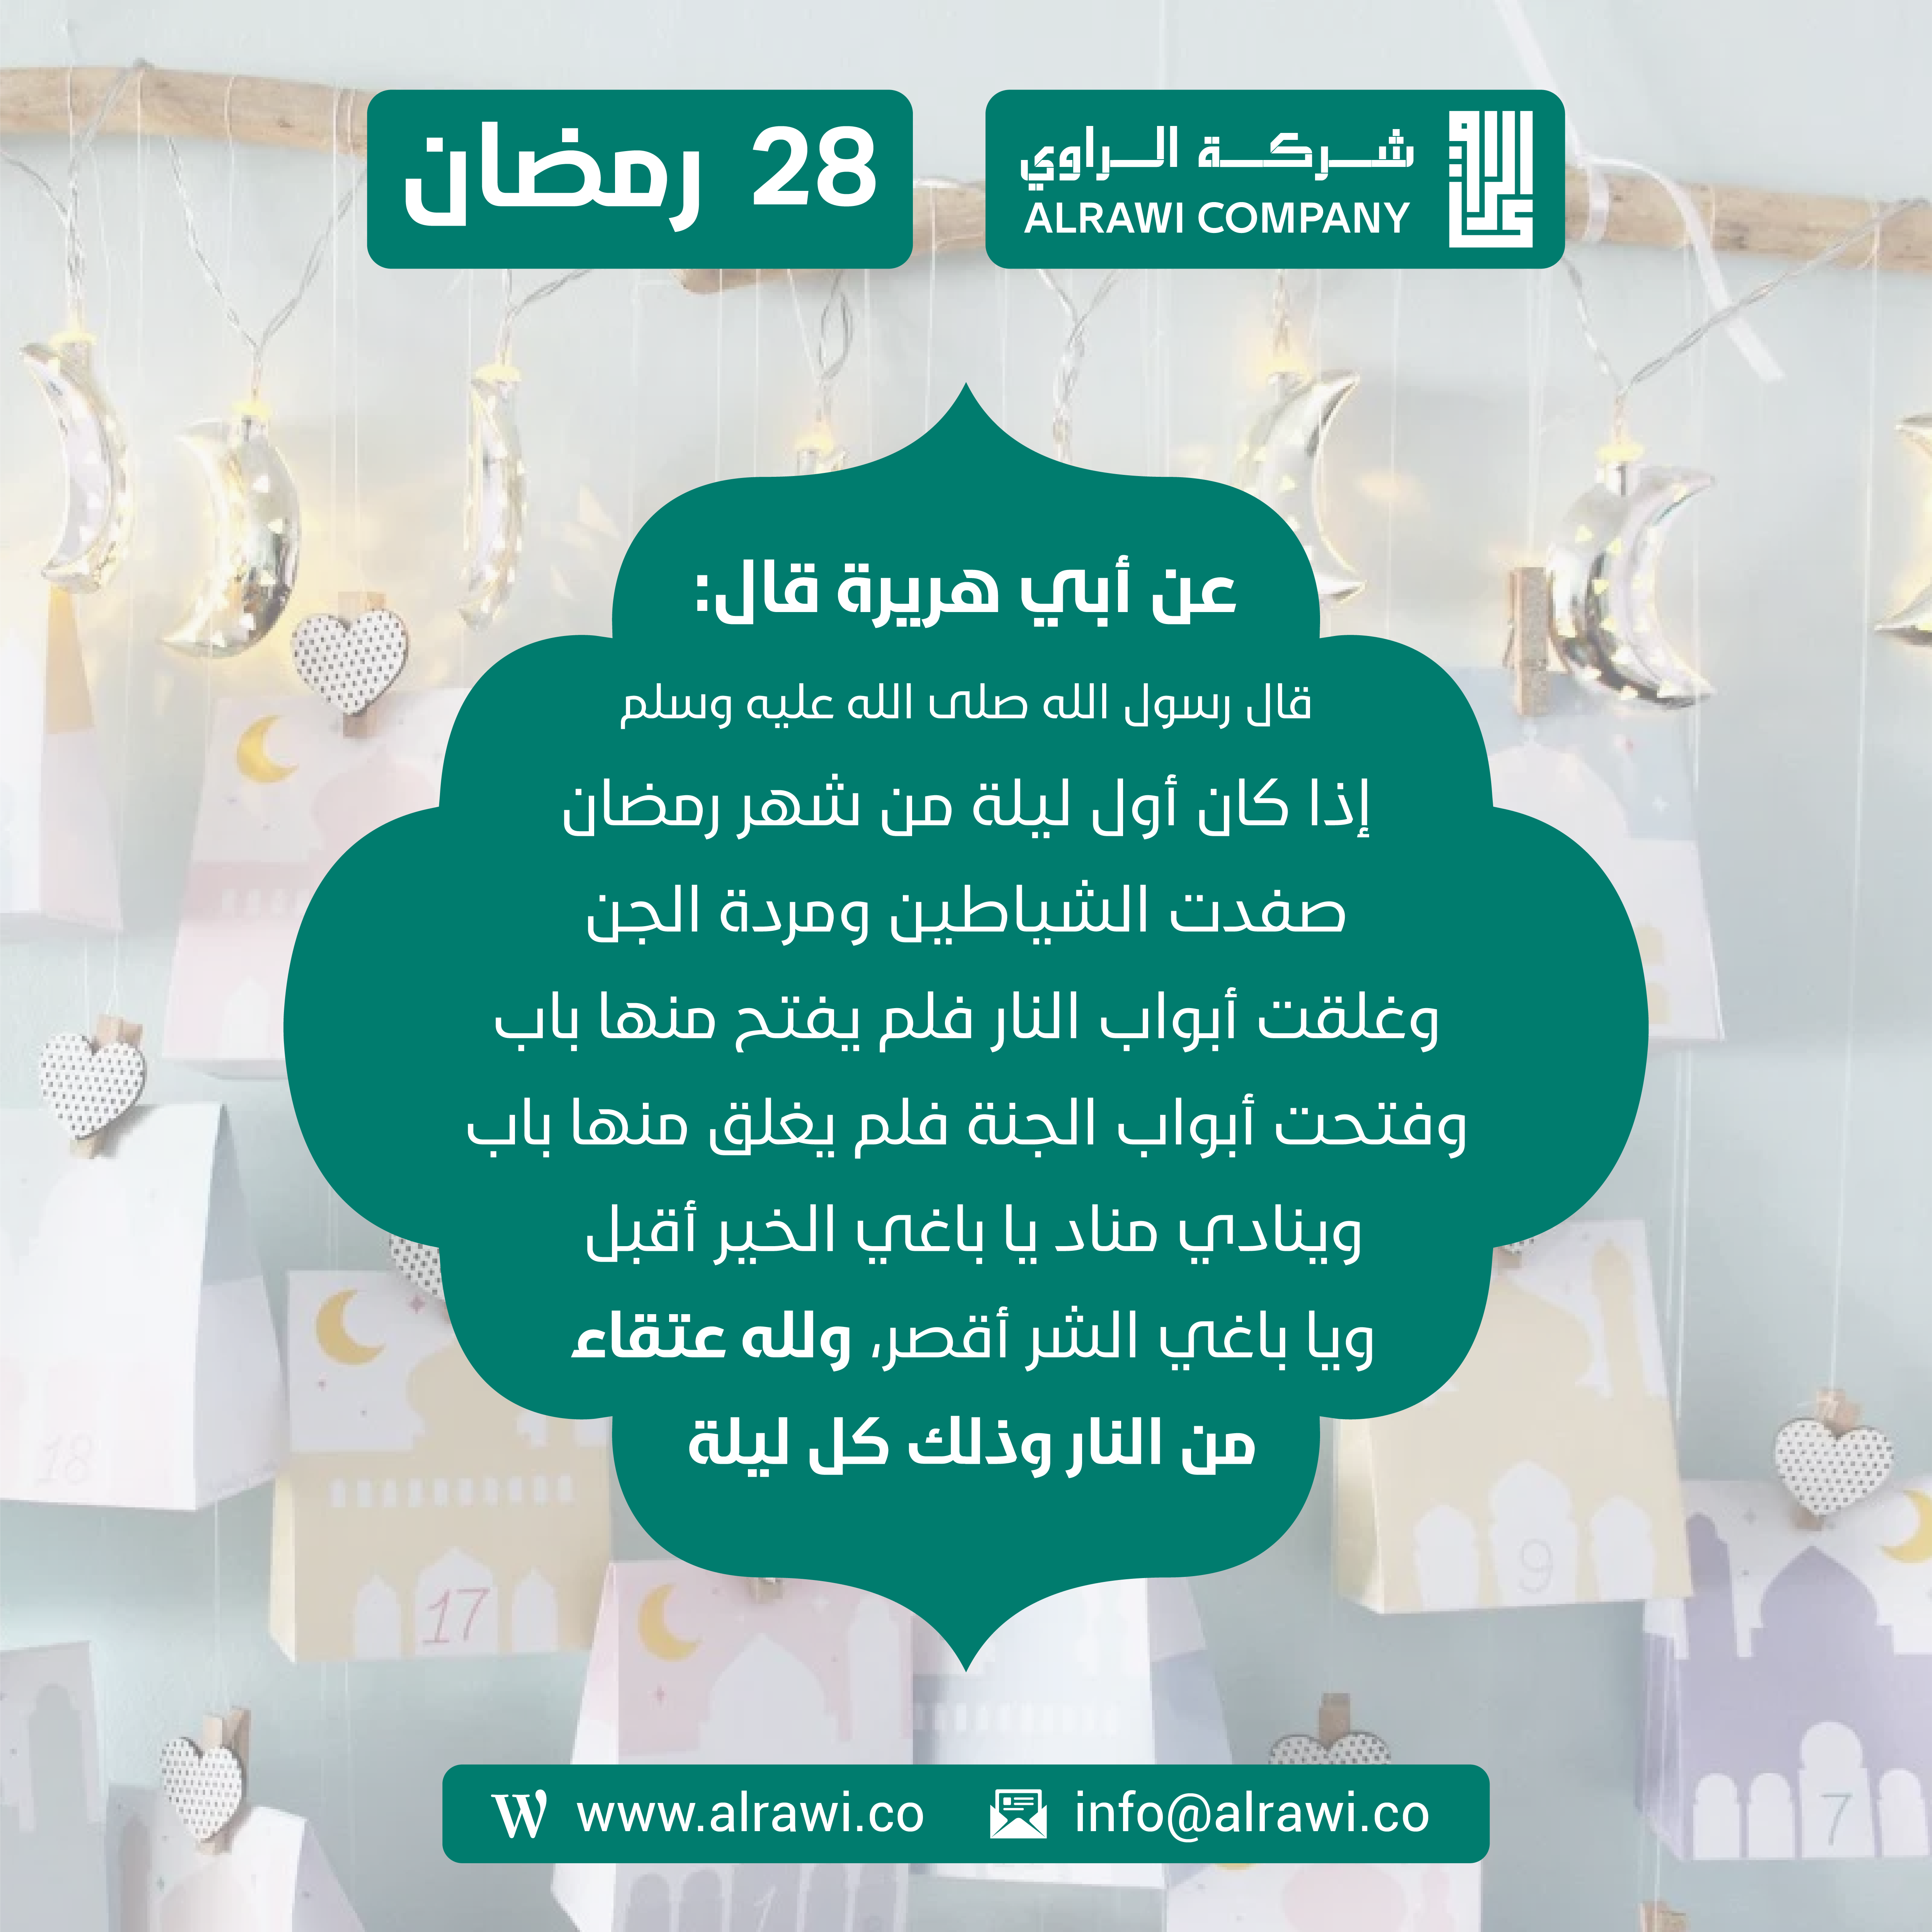 شارف شهر رمضان على الرحيل أحسن وداعه